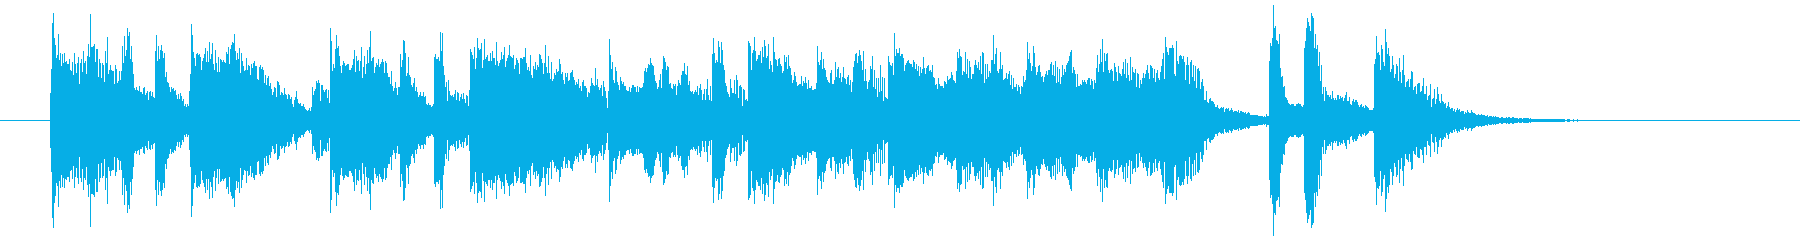 伸びやかなトランペットが印象的なBGMの再生済みの波形